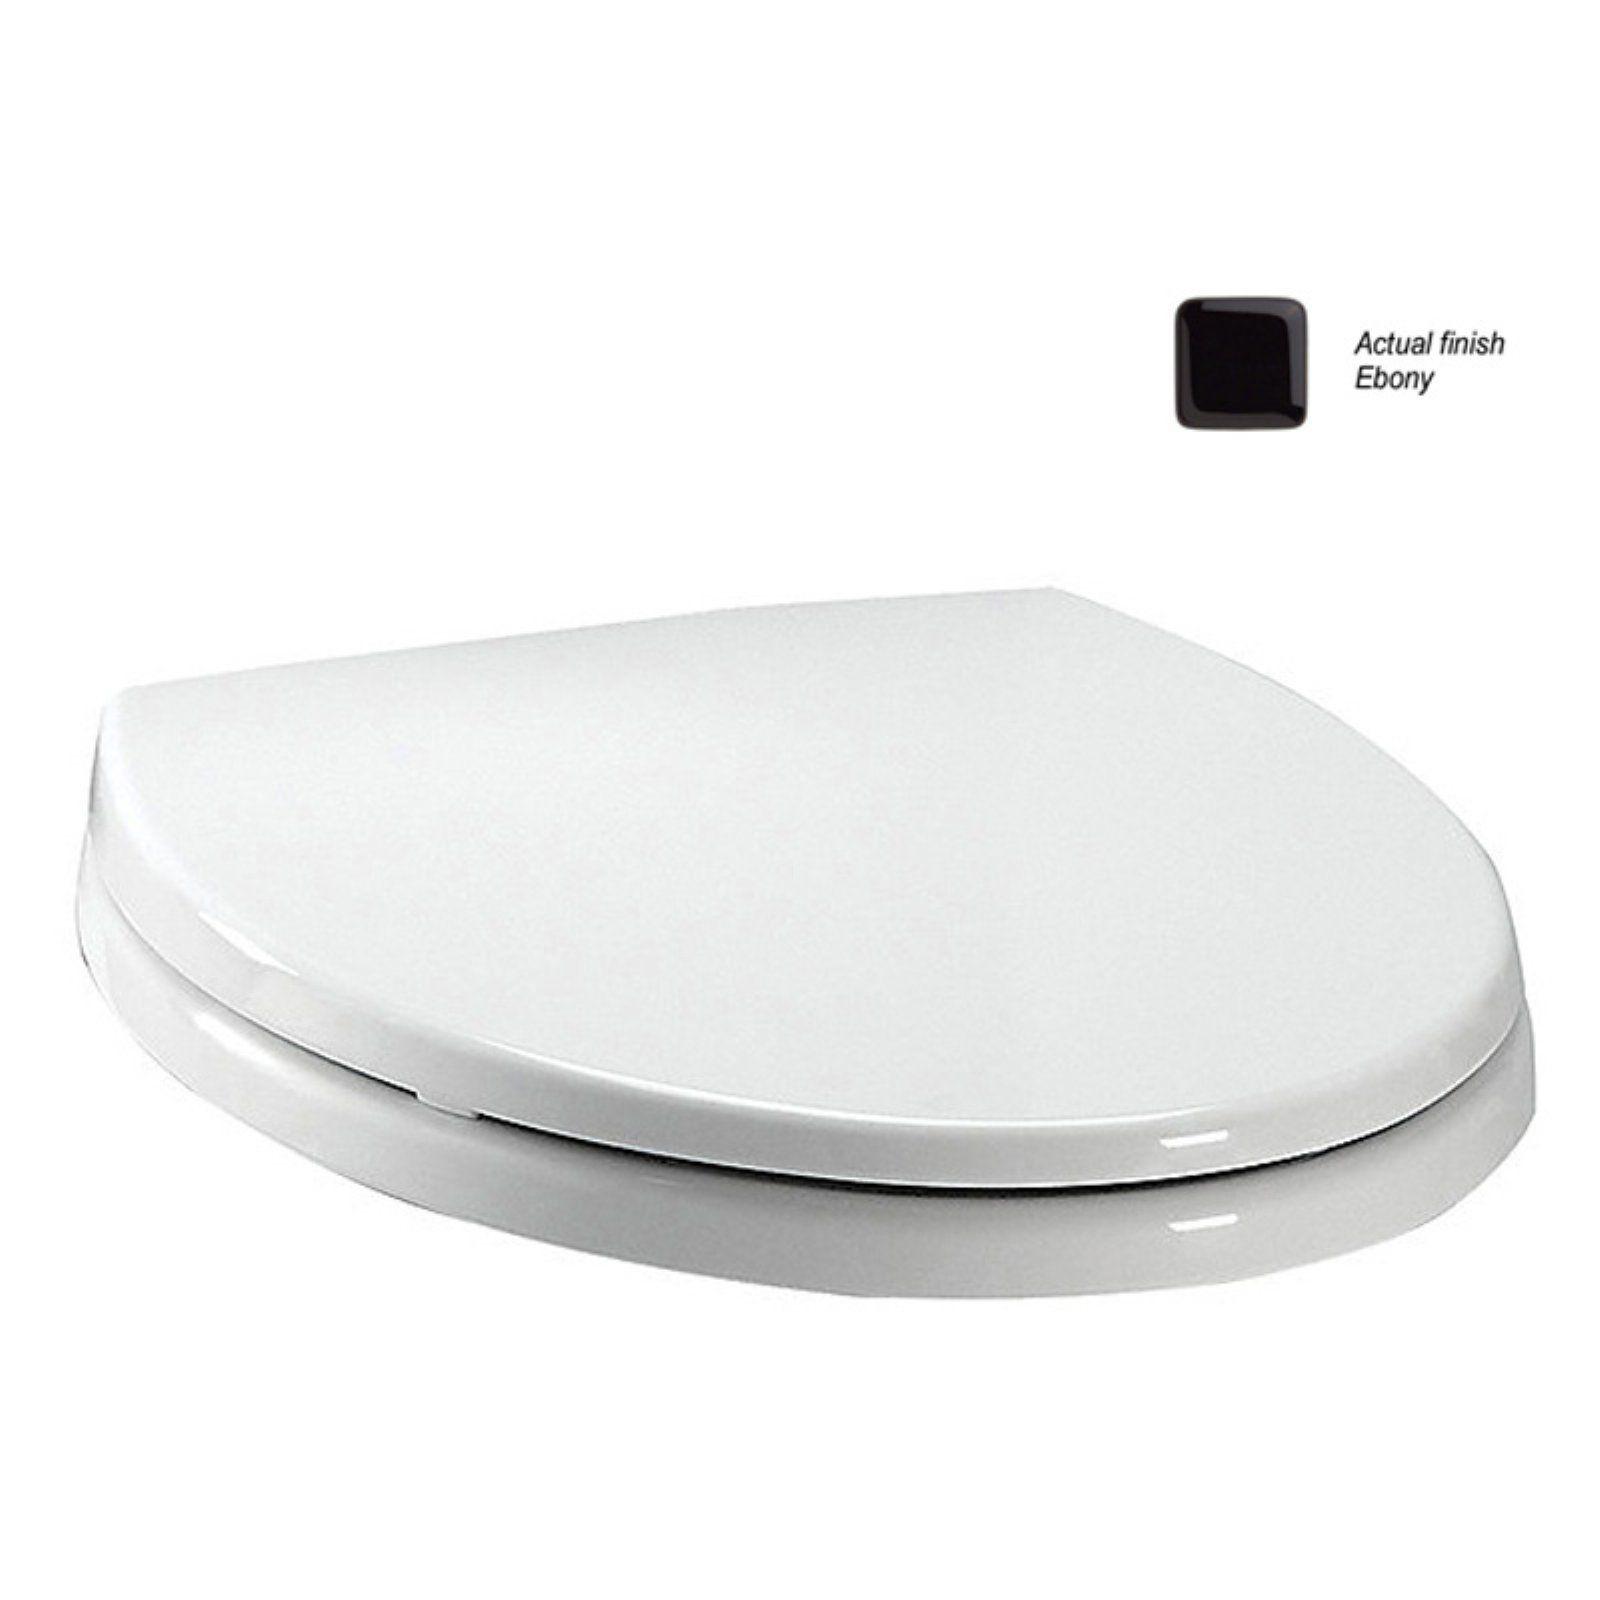 Toto Ss113 Softclose Plastic Round Toilet Seat Ebony Toilet Seat